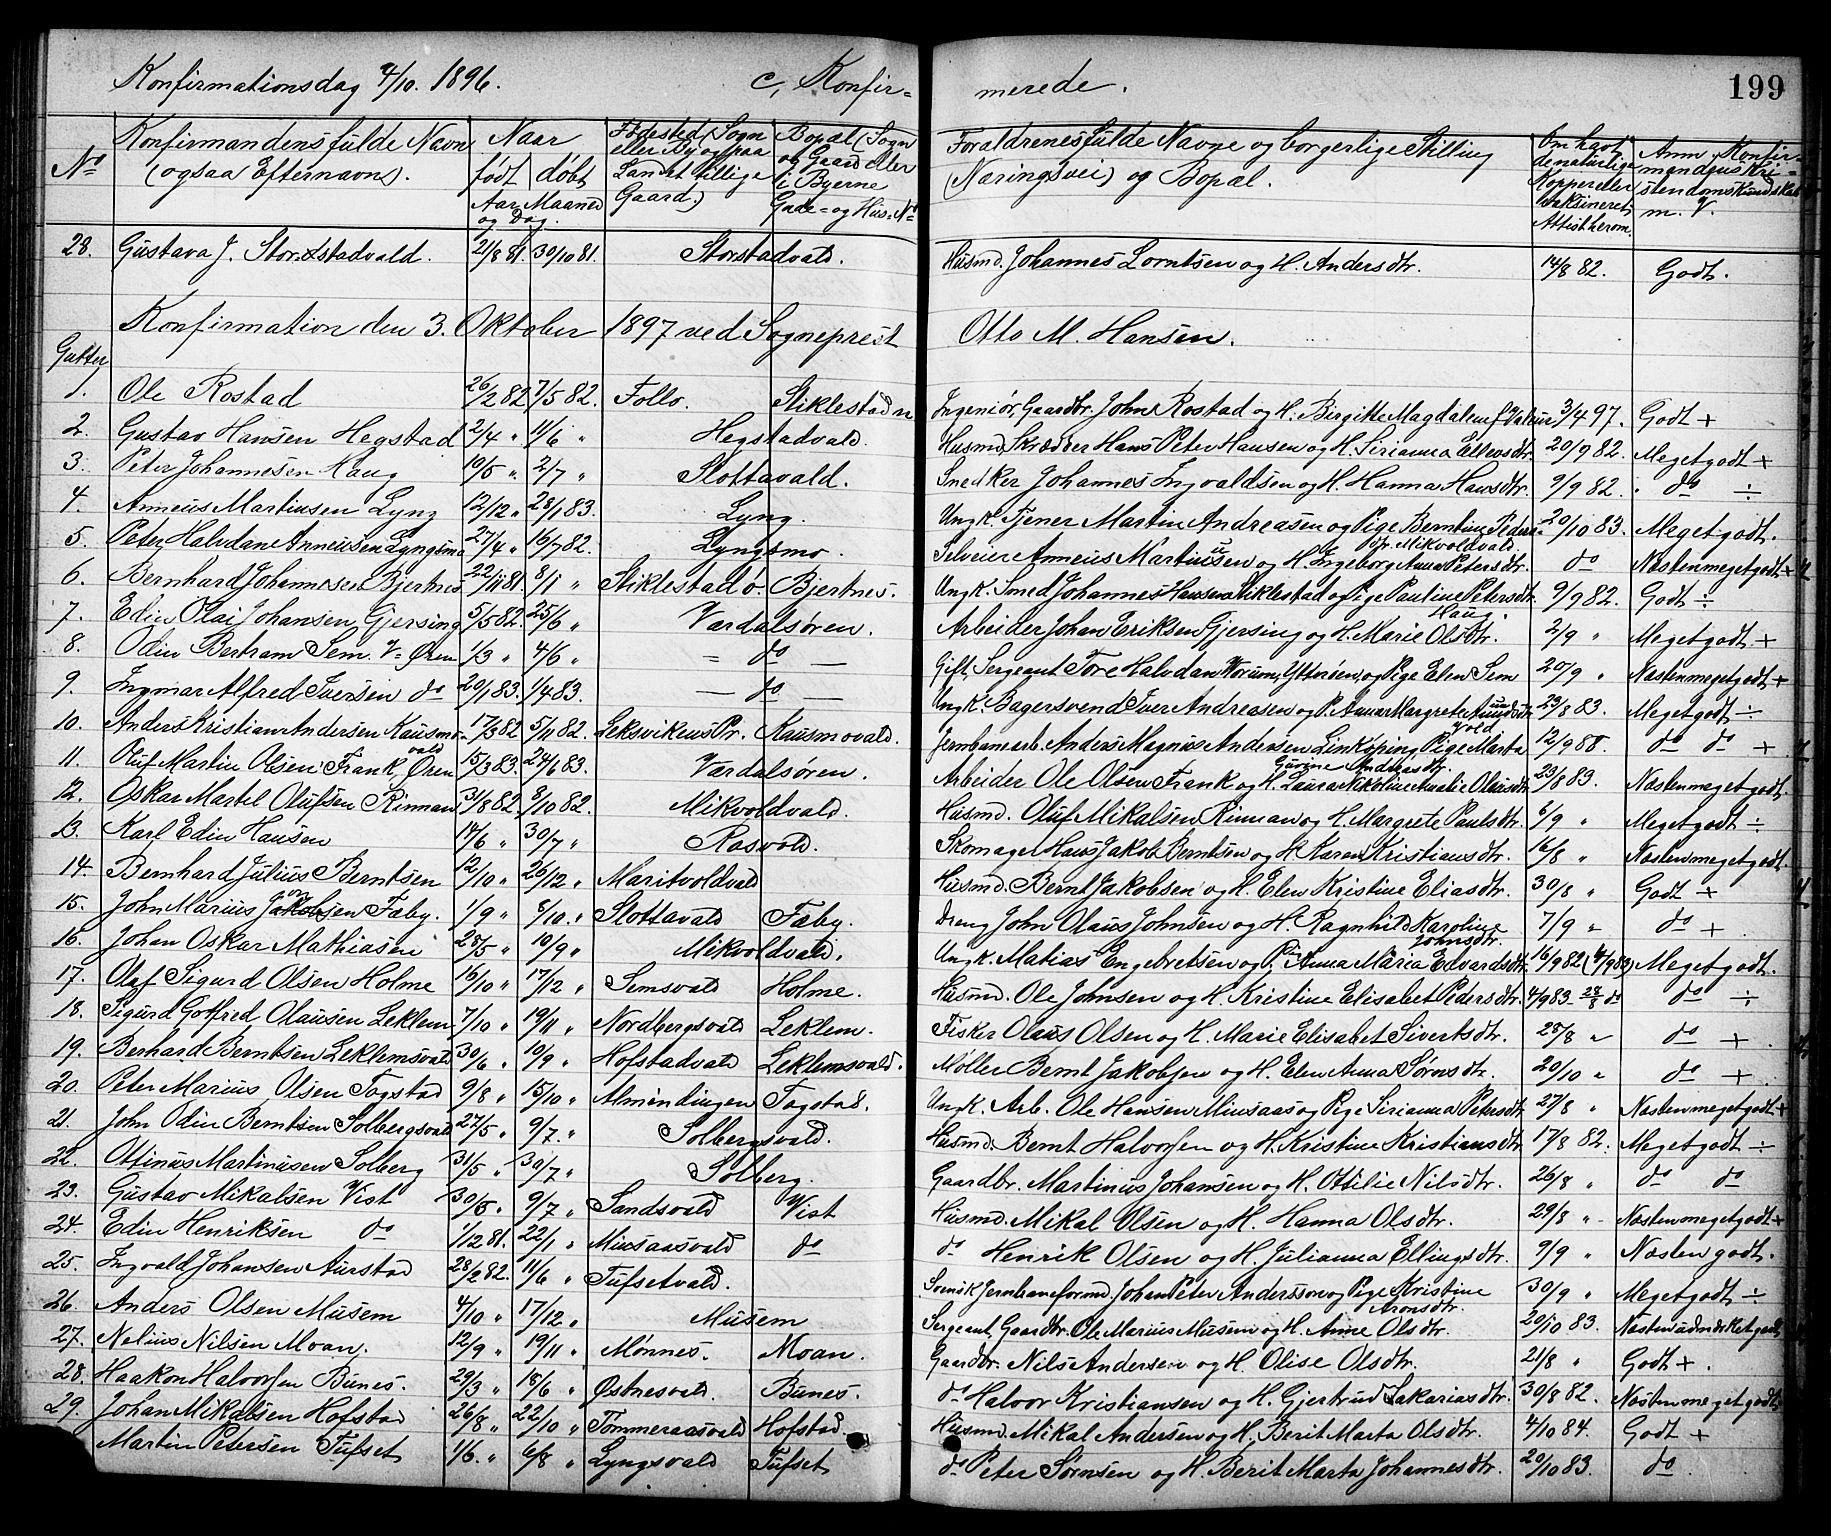 SAT, Ministerialprotokoller, klokkerbøker og fødselsregistre - Nord-Trøndelag, 723/L0257: Klokkerbok nr. 723C05, 1890-1907, s. 199